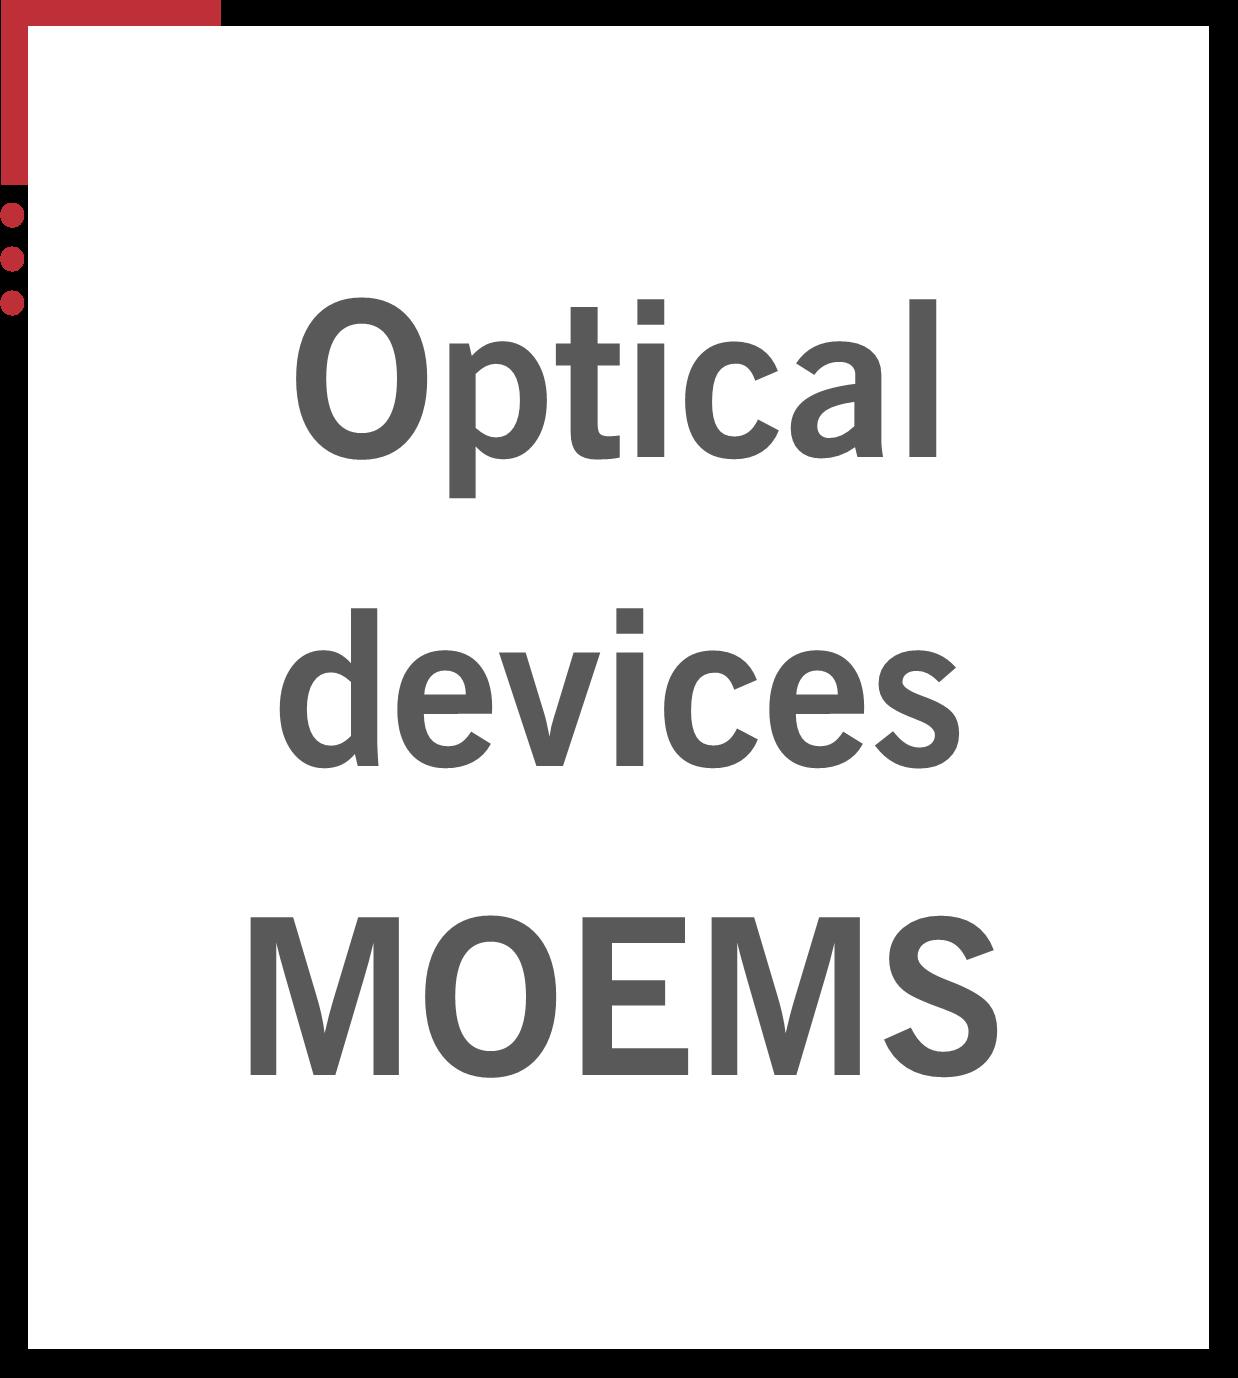 OOFELIE::Multiphysics linked to Zemax' OpticStudio - Open